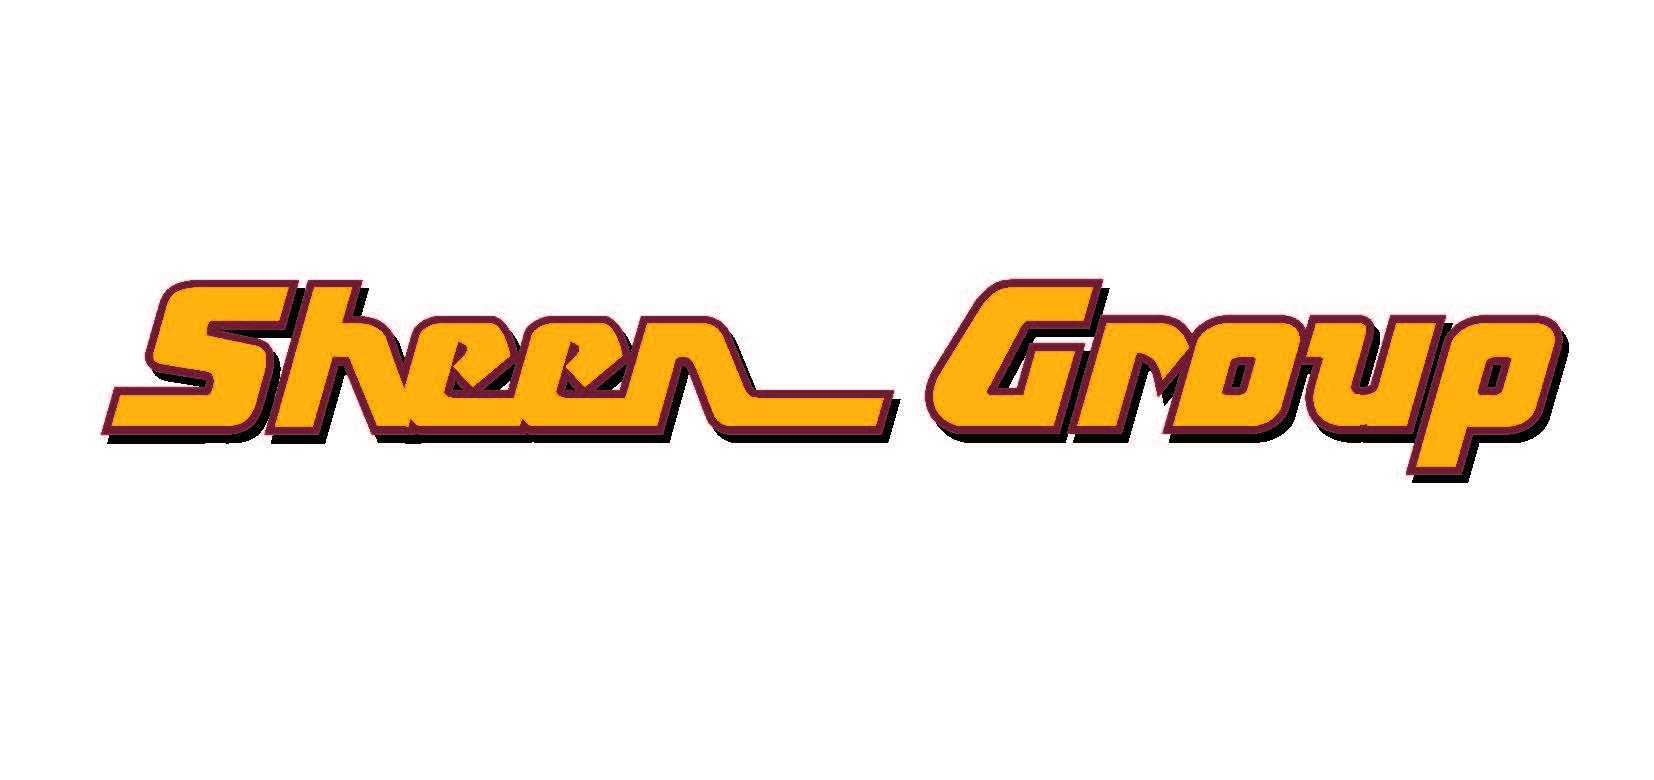 Sheen Group